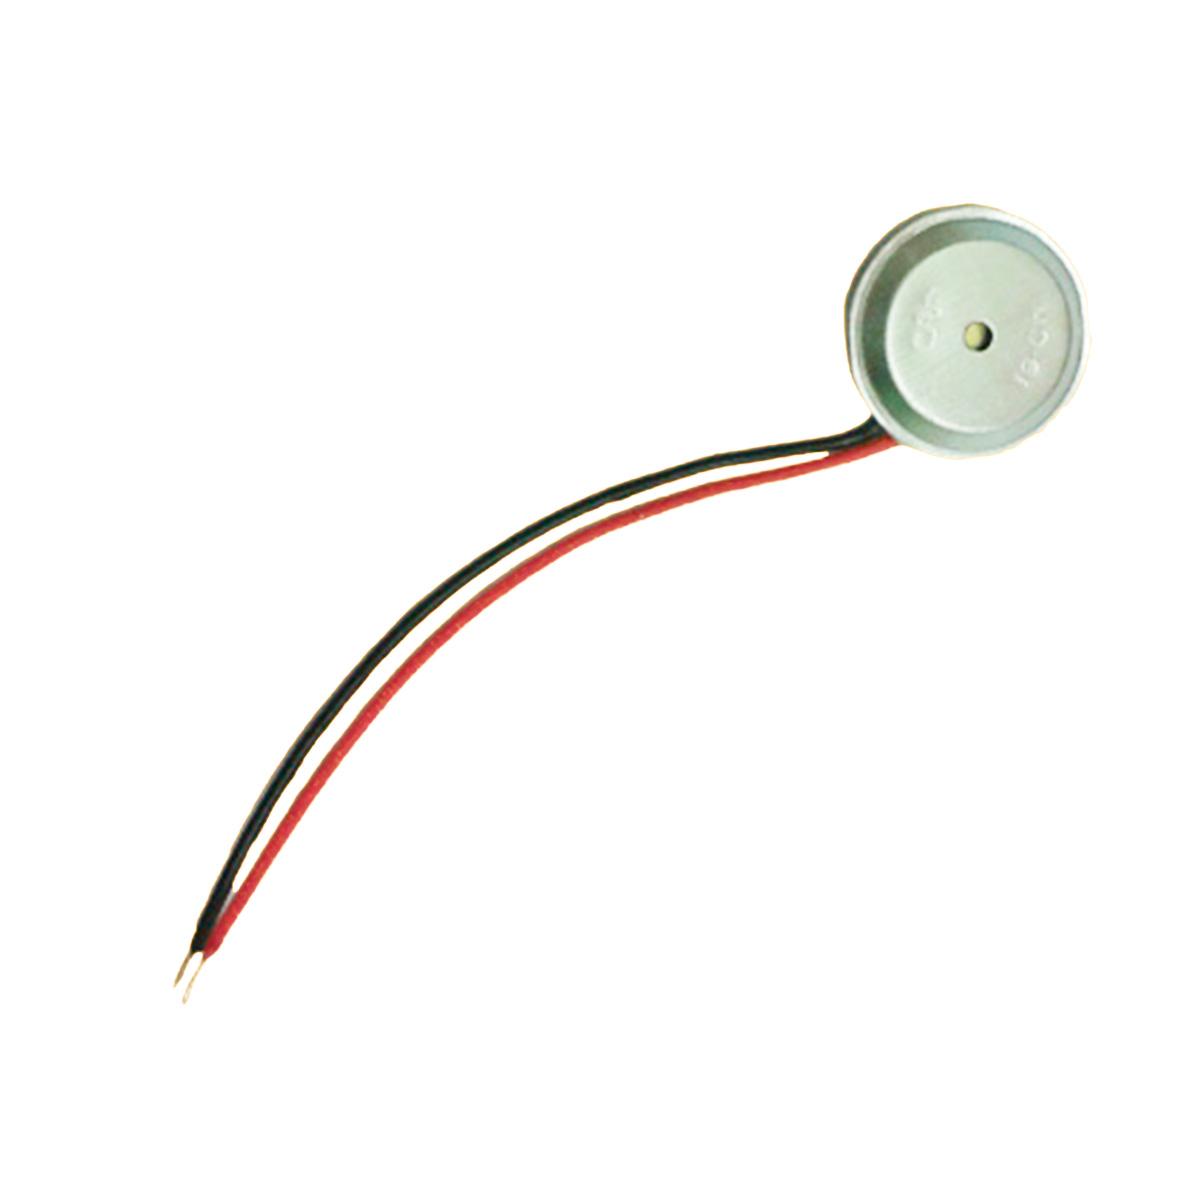 Circuito Zumbador Piezoelectrico : Zumbador piezoelectrico Ø mm sin oscilador